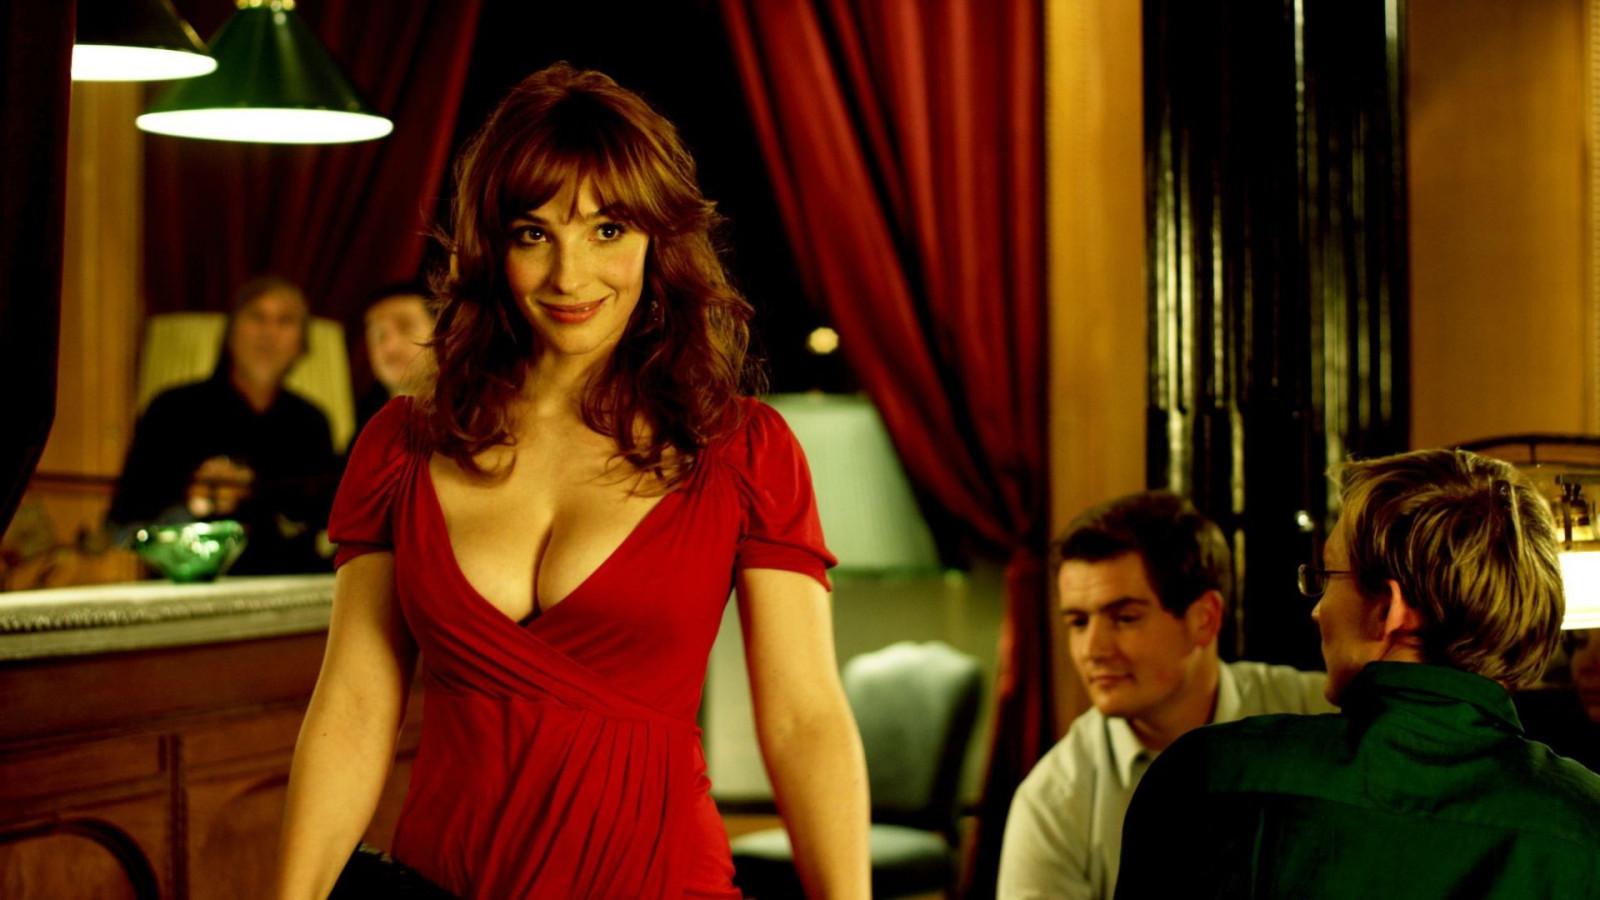 становится понятно фильм где девушка в красном платье в бильярде снимает постарались учесть все